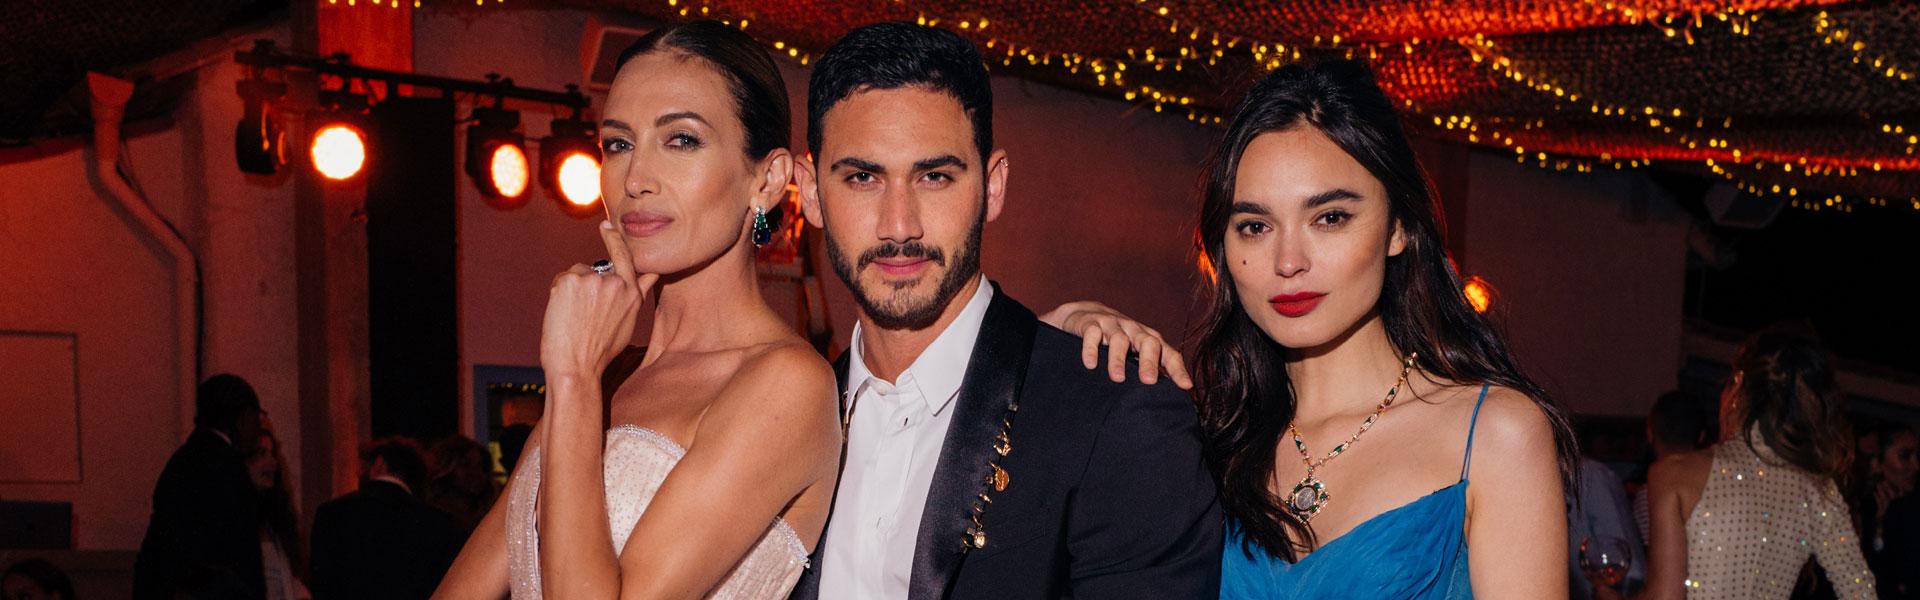 Acompáñanos a la exclusiva 'Riviera Dinner', la gran gala benéfica de Cannes